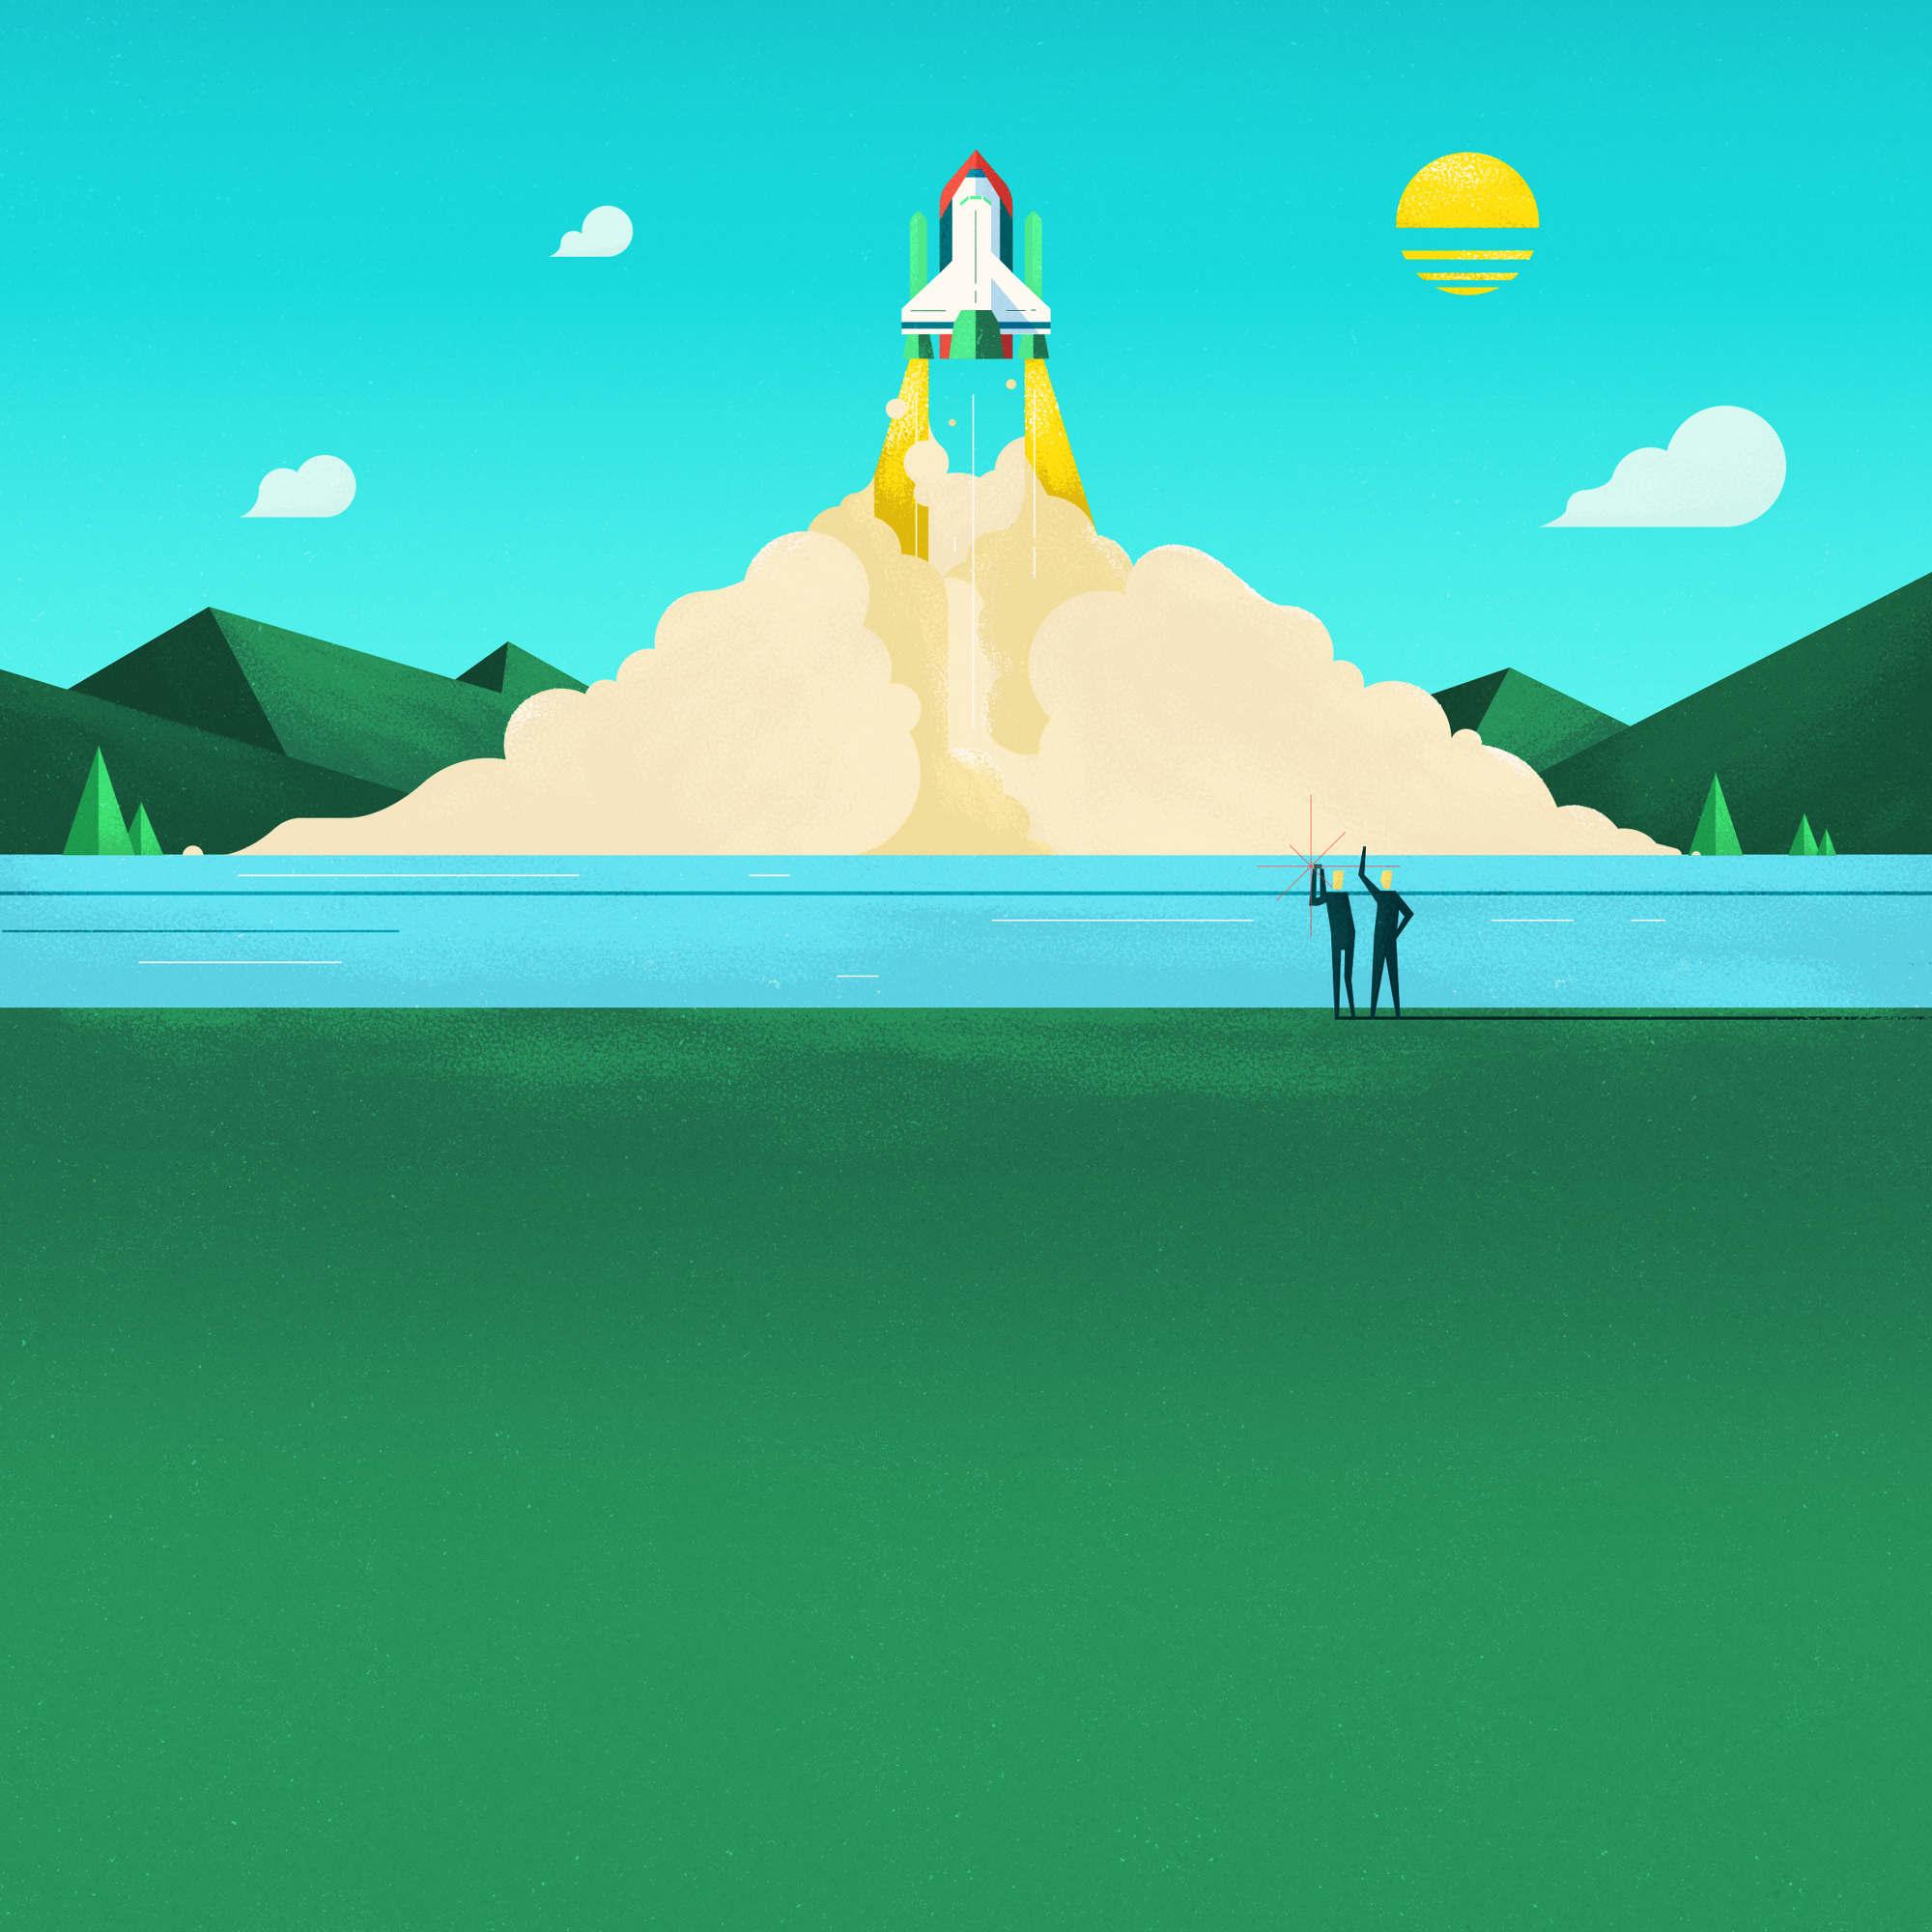 Launch-12-3-2014-copy_2000_c